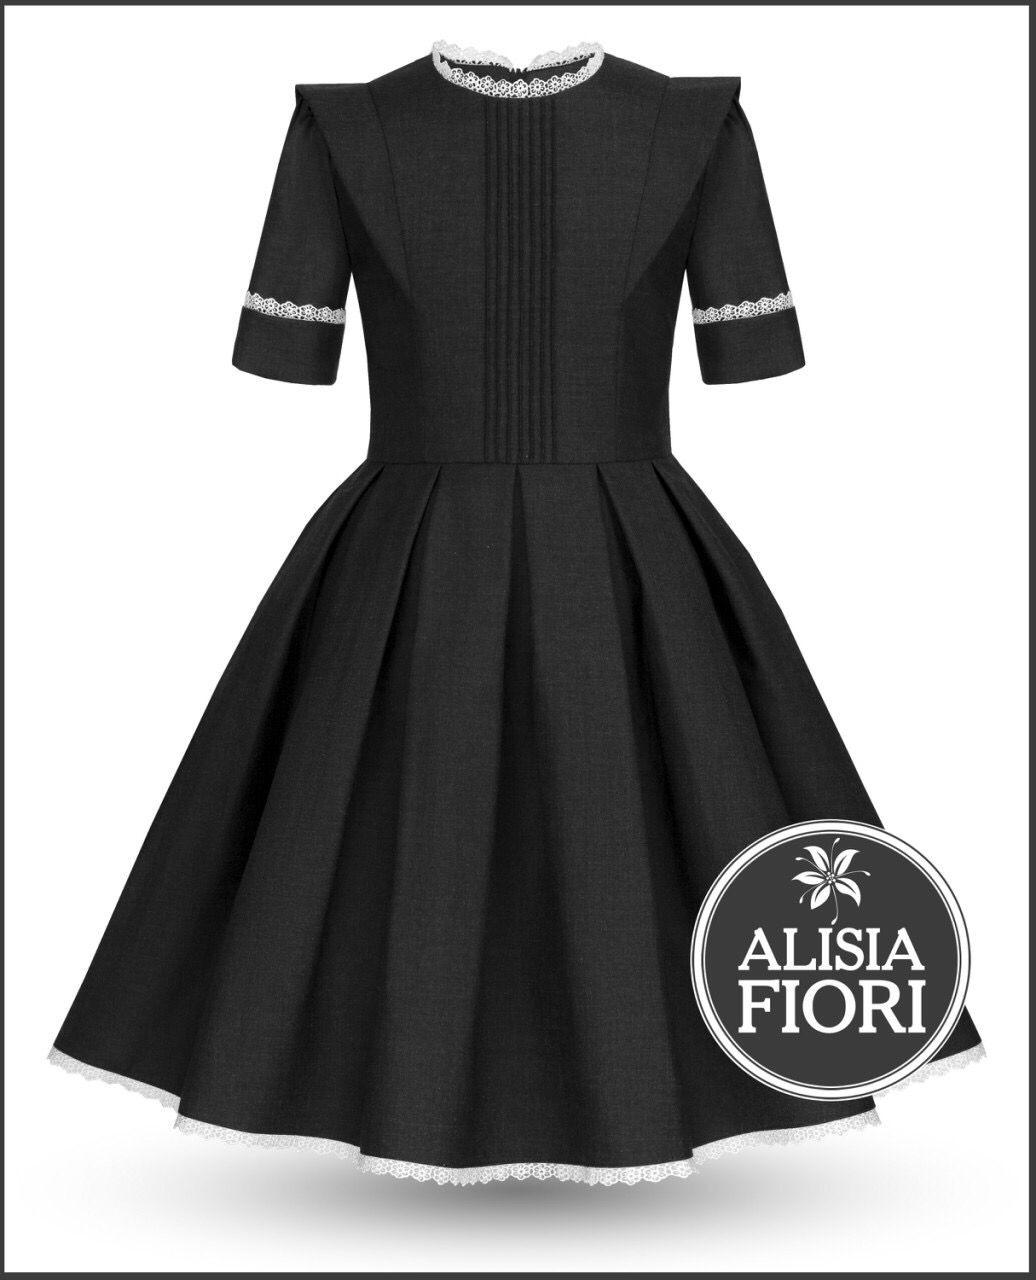 13 Einfach E Dress Abendkleider Boutique20 Kreativ E Dress Abendkleider Stylish